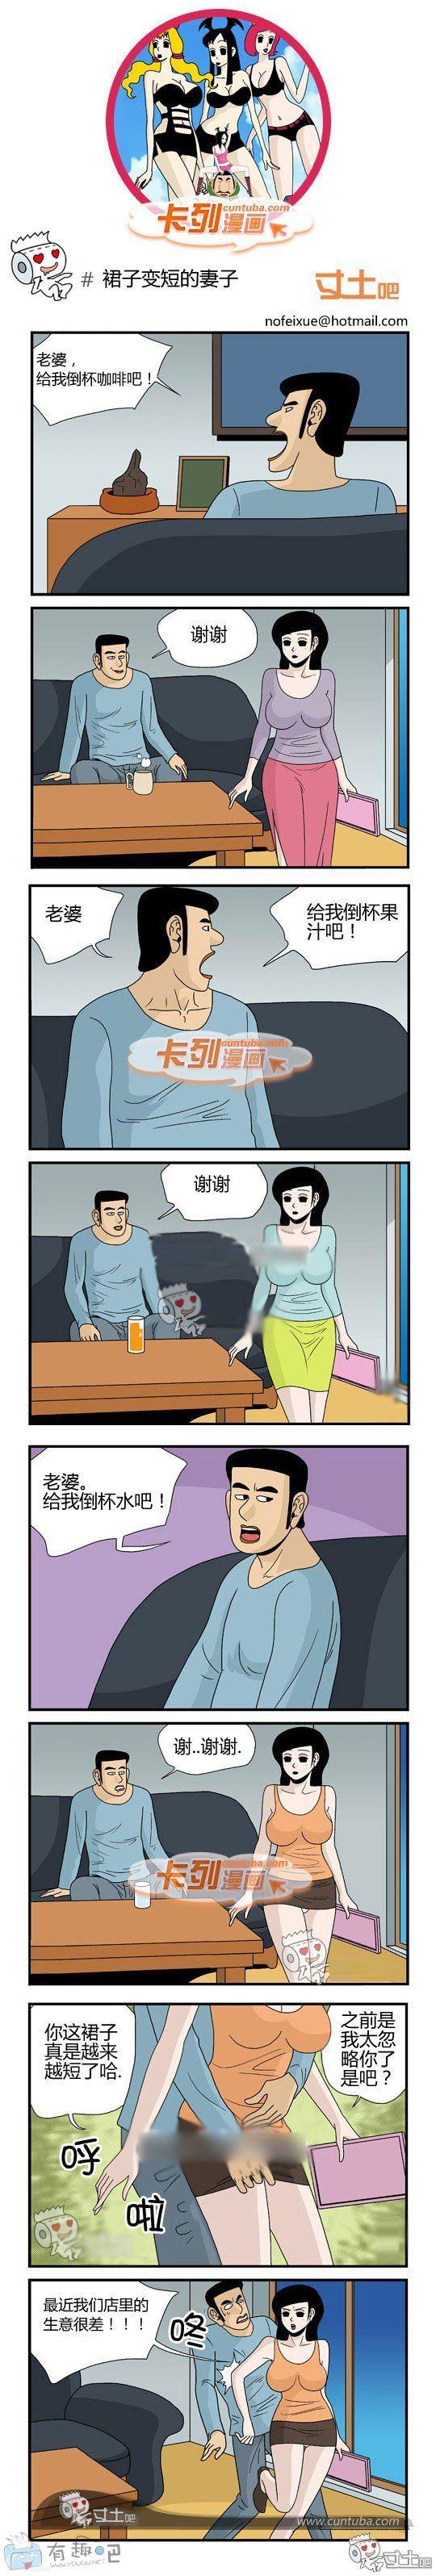 卡列漫画:裙子变短的妻子